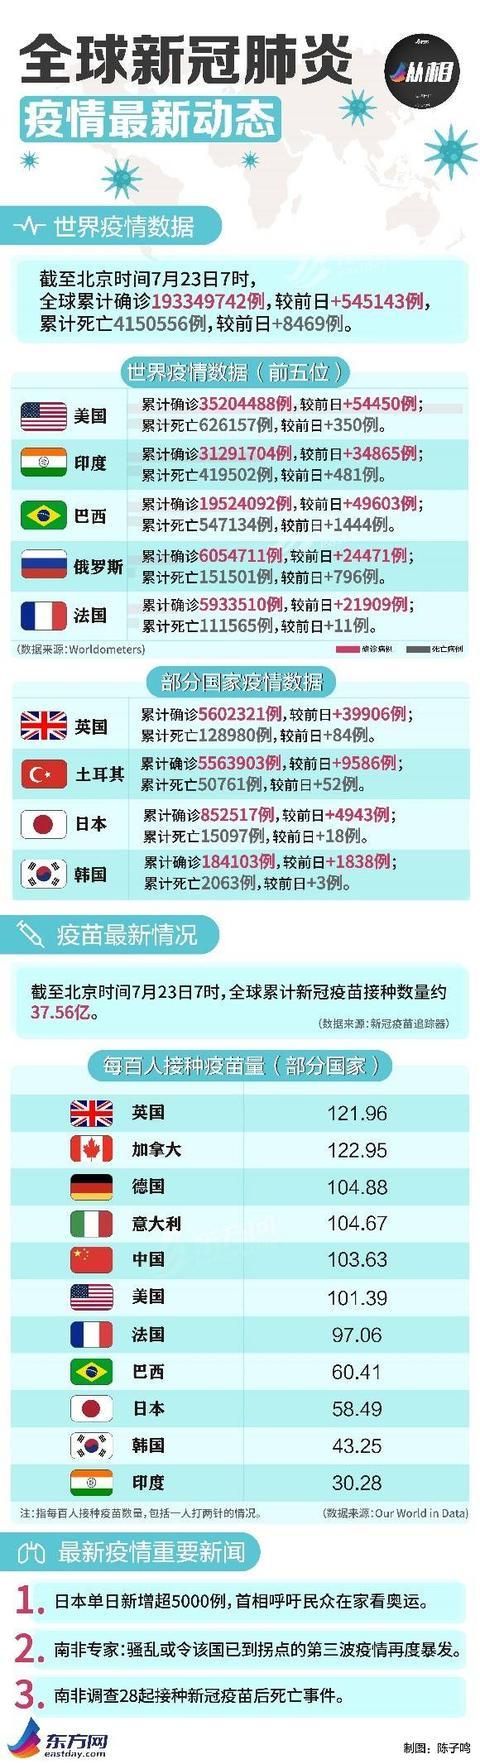 海外疫情早报:87名奥运会相关人员染疫 新加坡国庆庆典因疫情推后举行